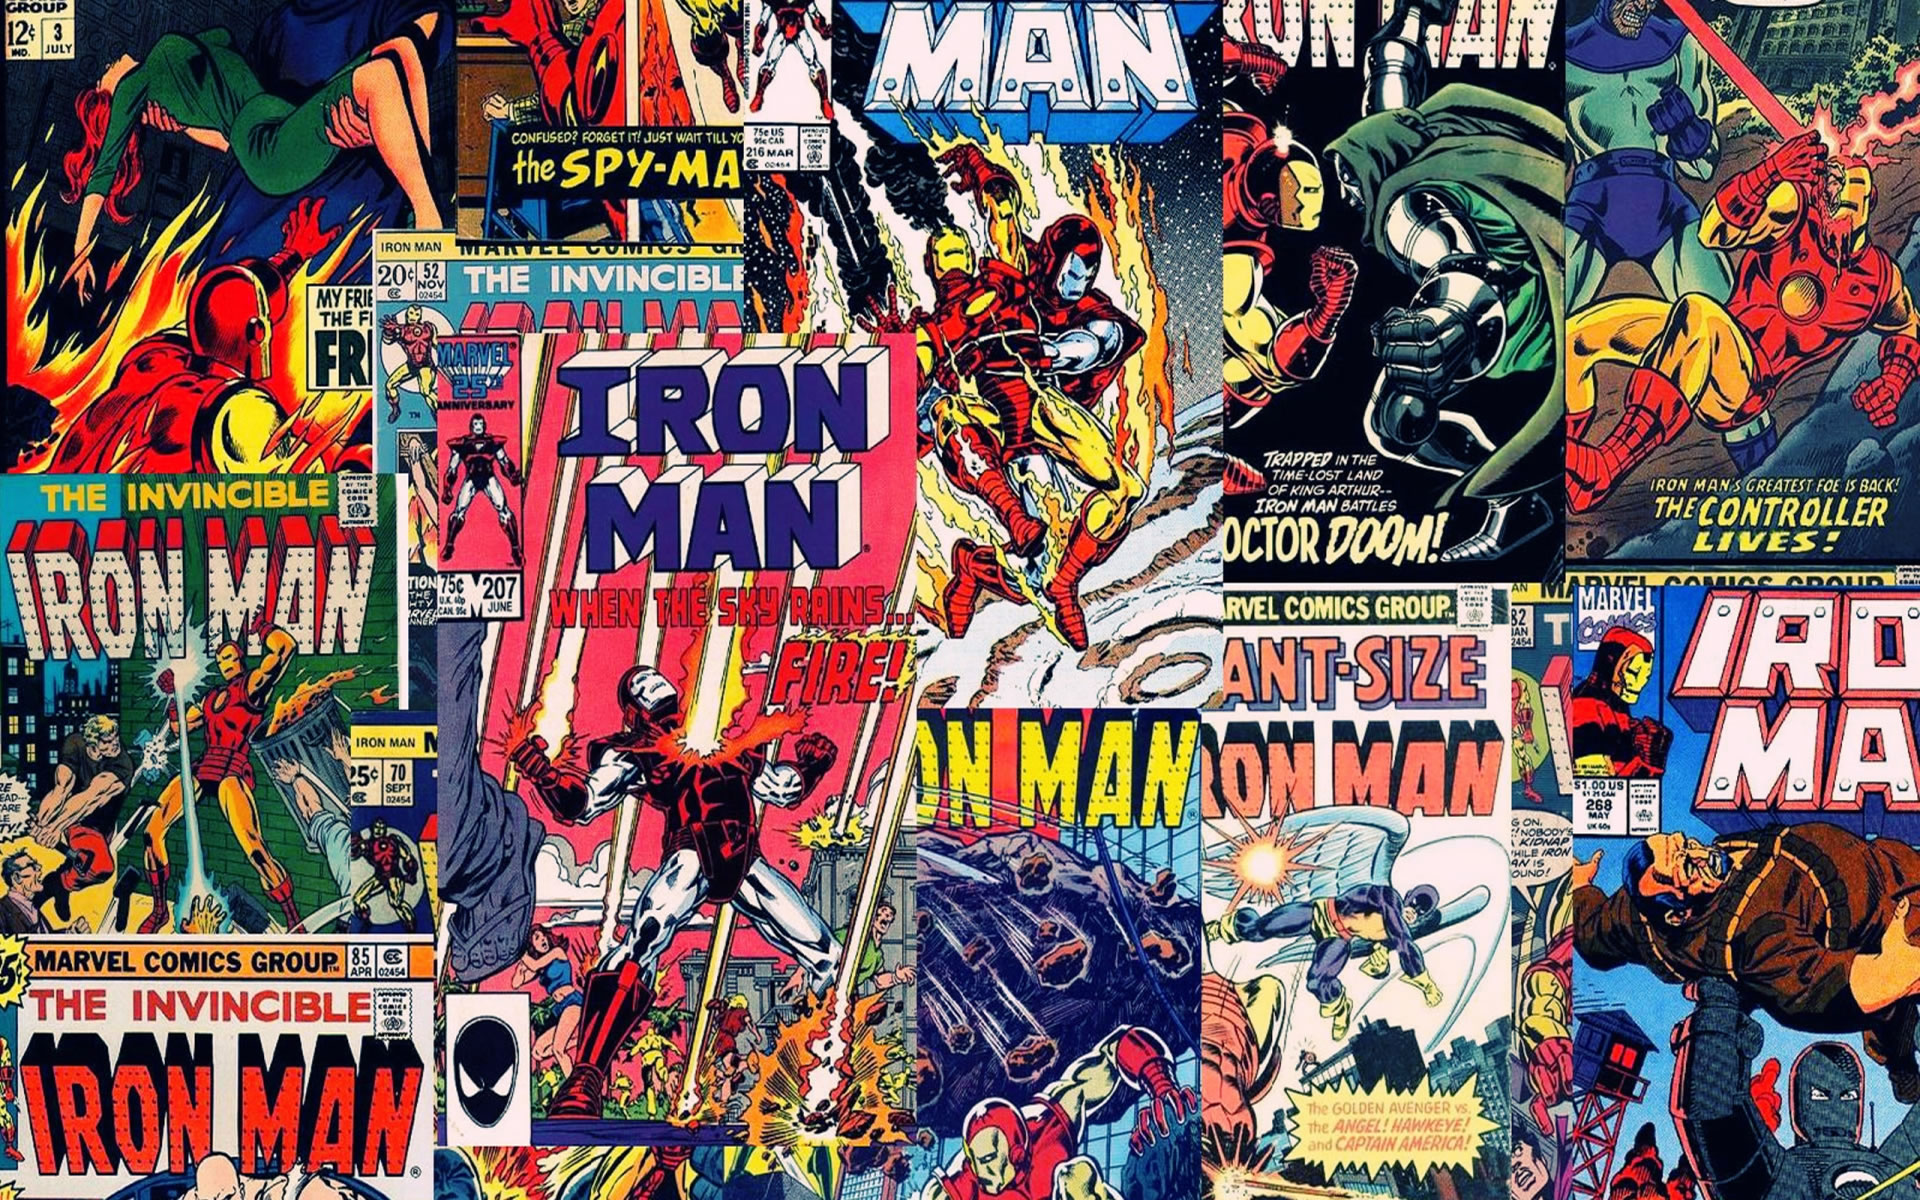 Wallpaper con Cómics Iron man